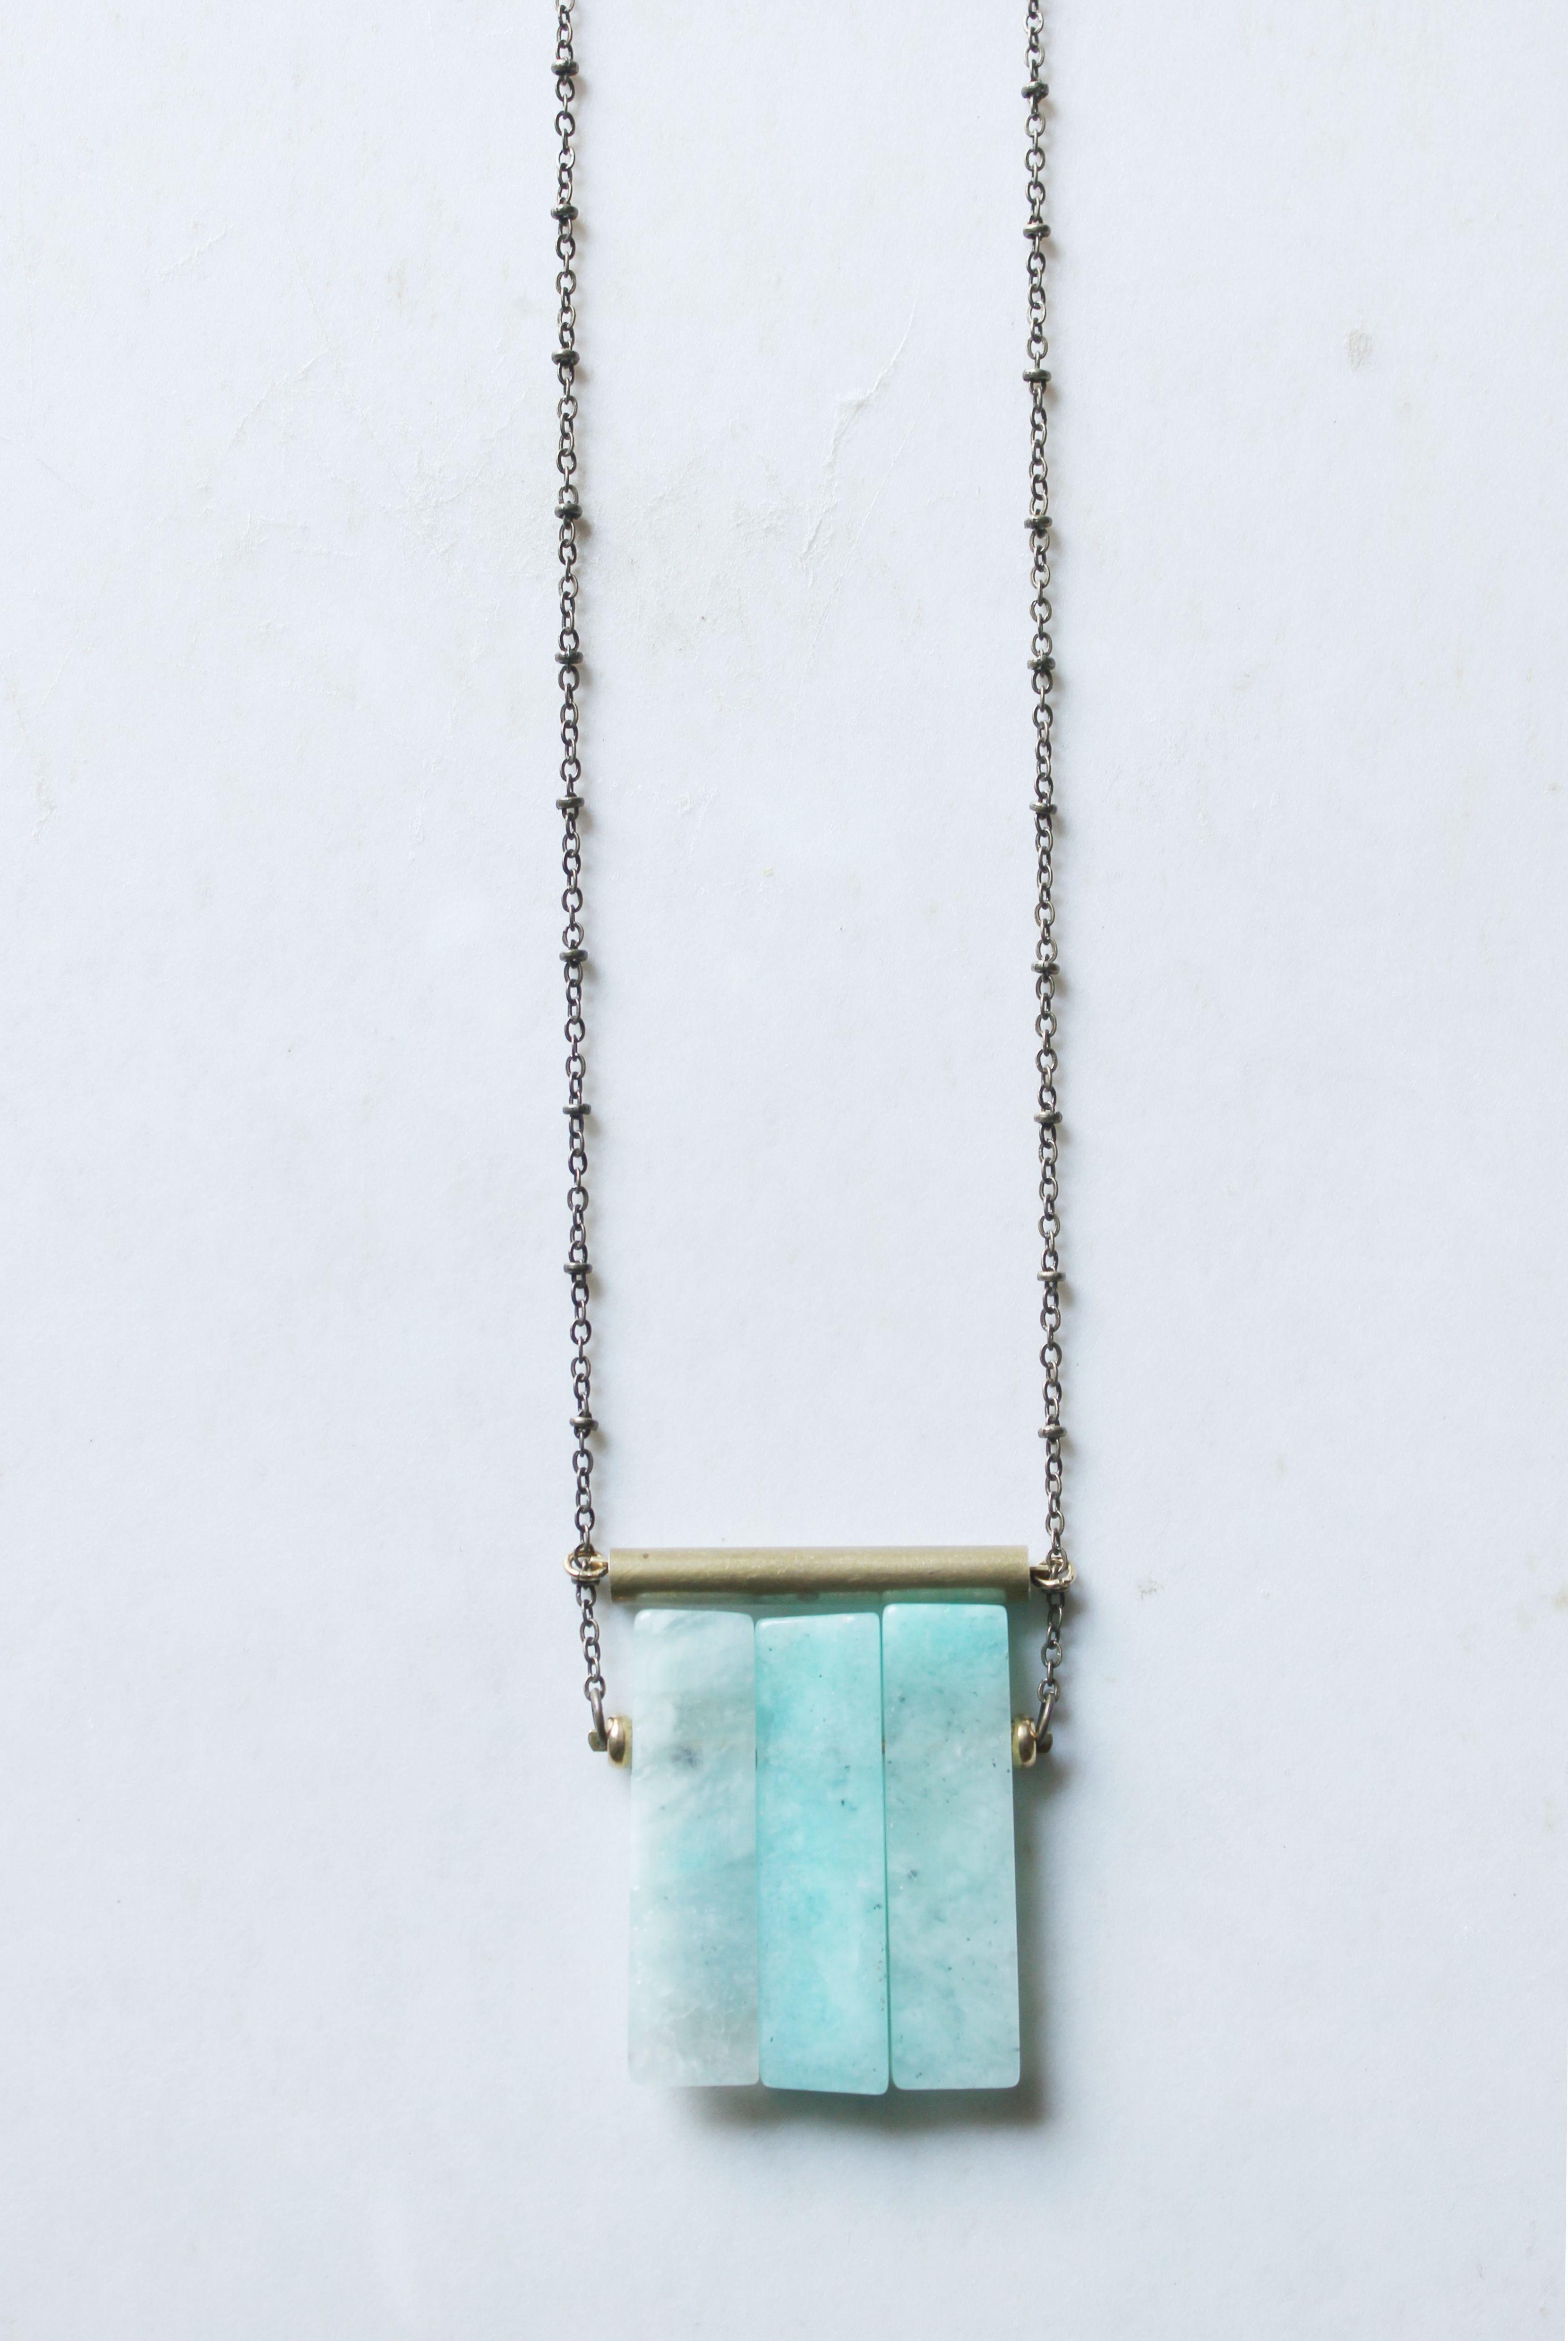 Amazonite Necklace Gold Amazonite Pendant Long Statement Necklace Brass Tube